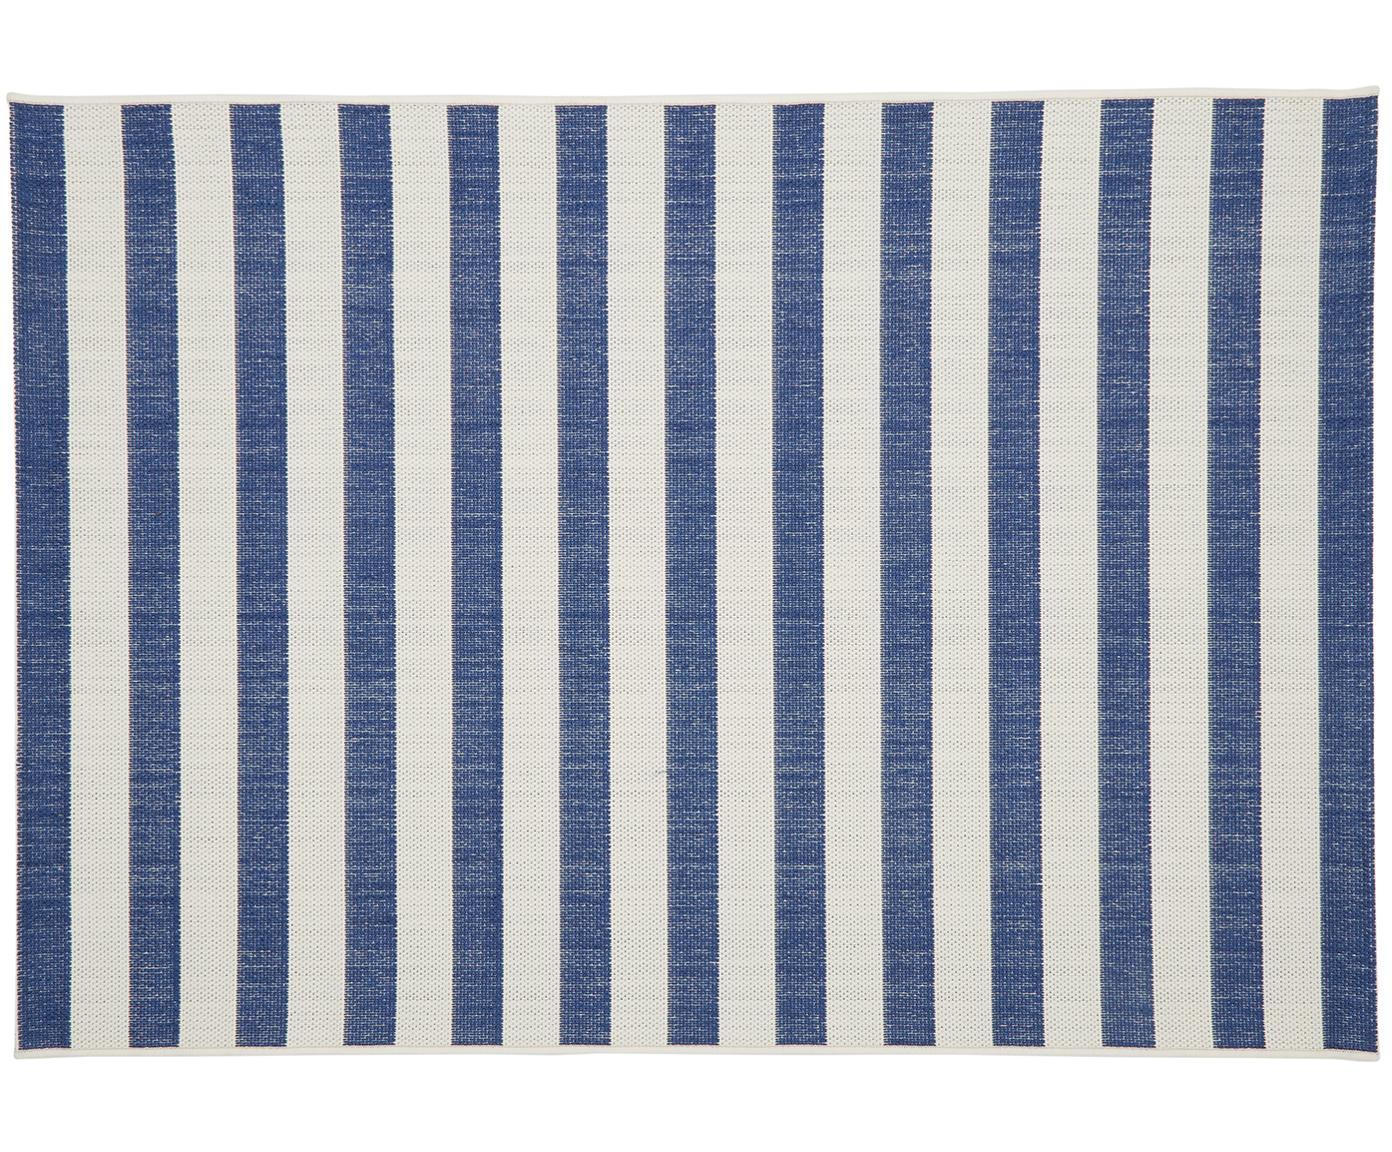 Tappeto da interno-esterno a righe Axa, Retro: poliestere, Bianco crema, blu, Larg. 200 x Lung. 290 cm  (taglia L)